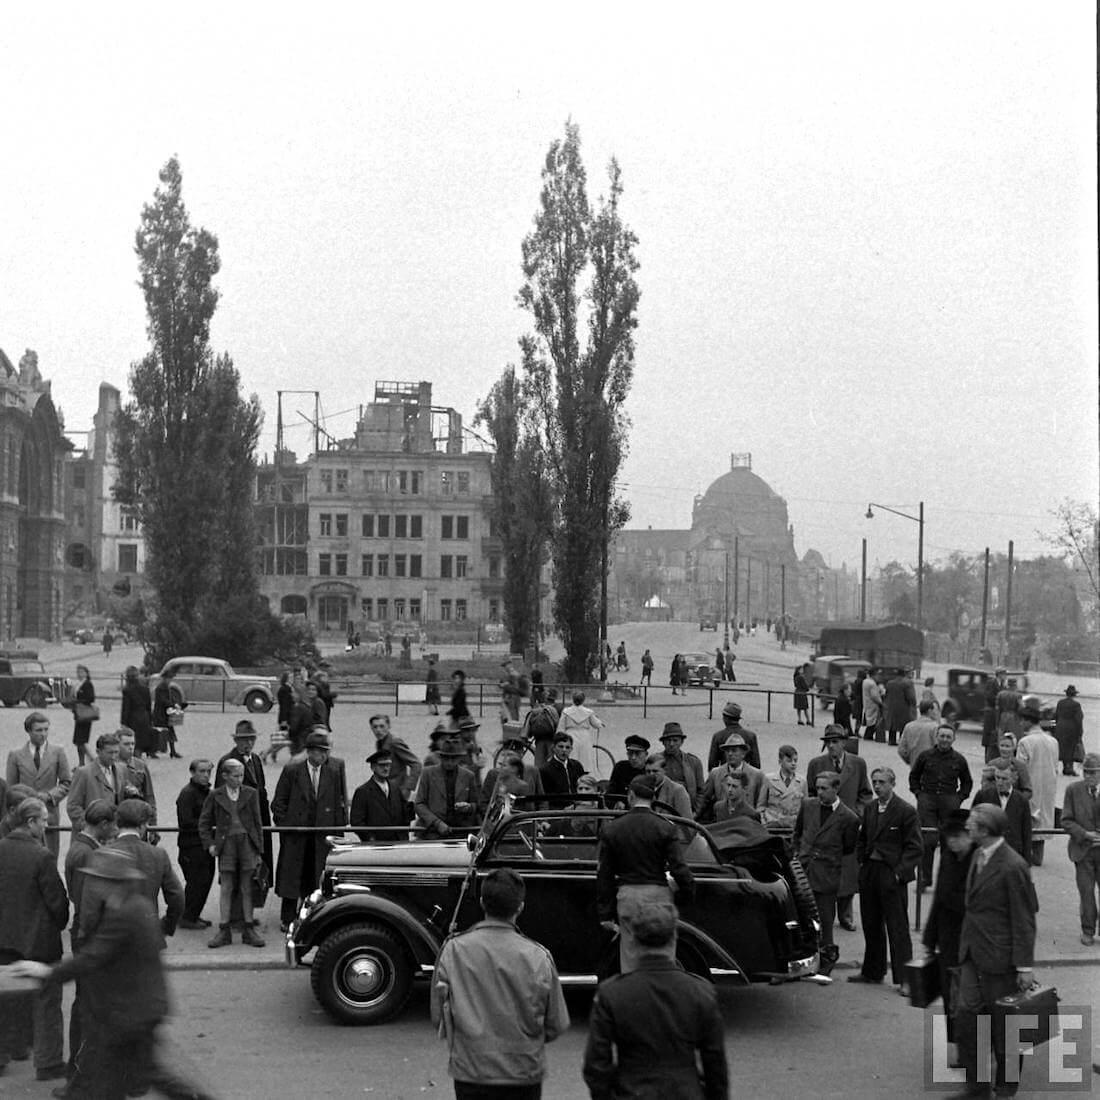 Jeep Kuningas Walter Cochin Willys raunioituneessa saksalaisessa kaupungissa. Kuva: Walter Sanders/Life.